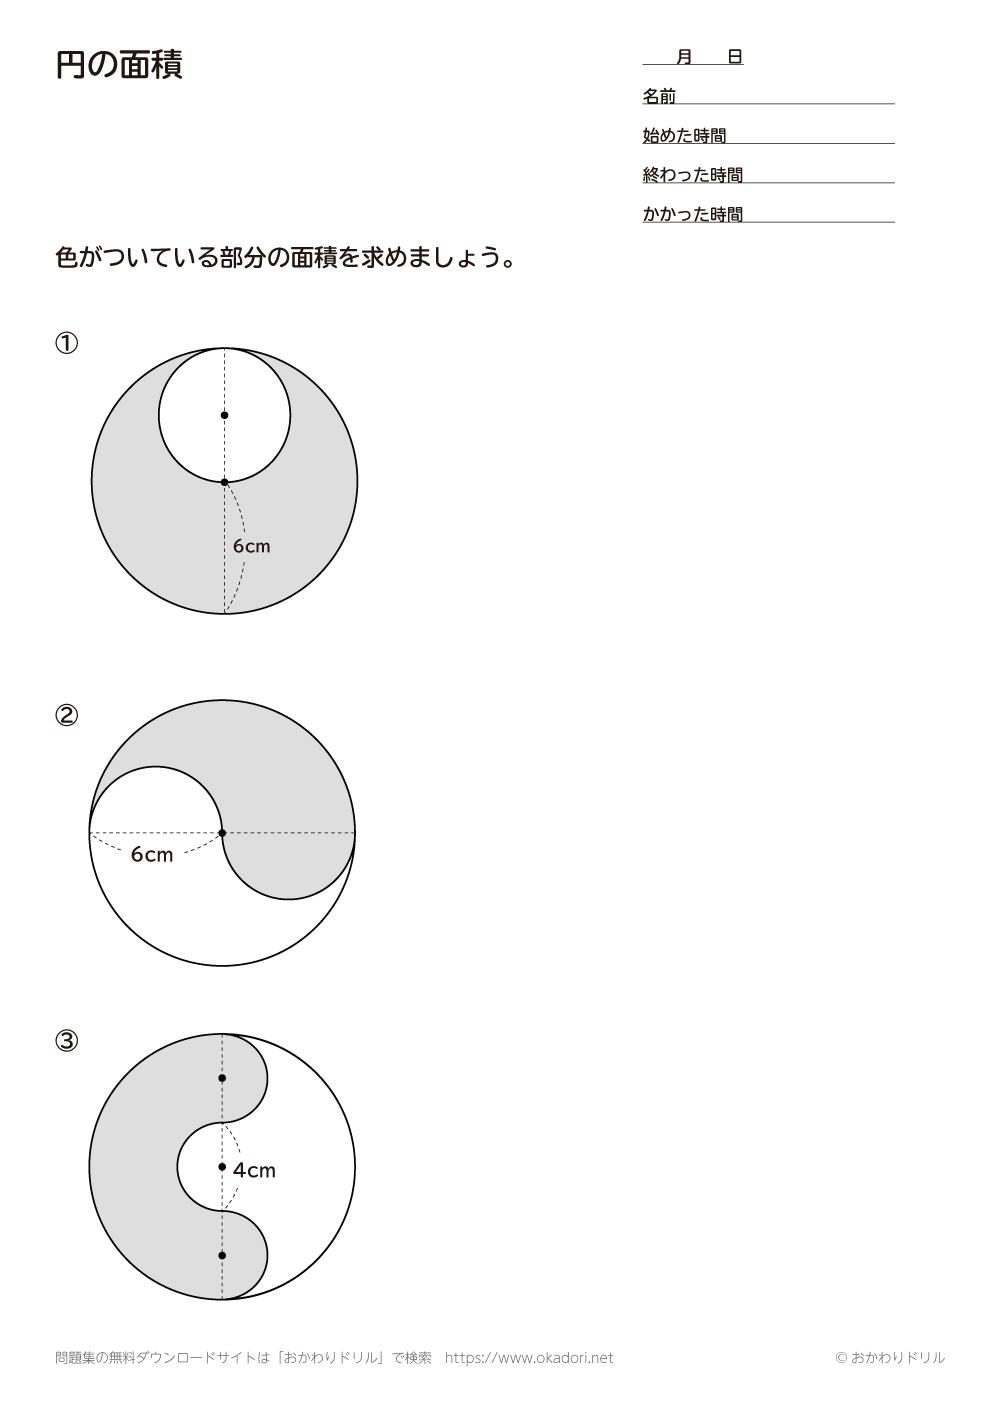 円の面積5